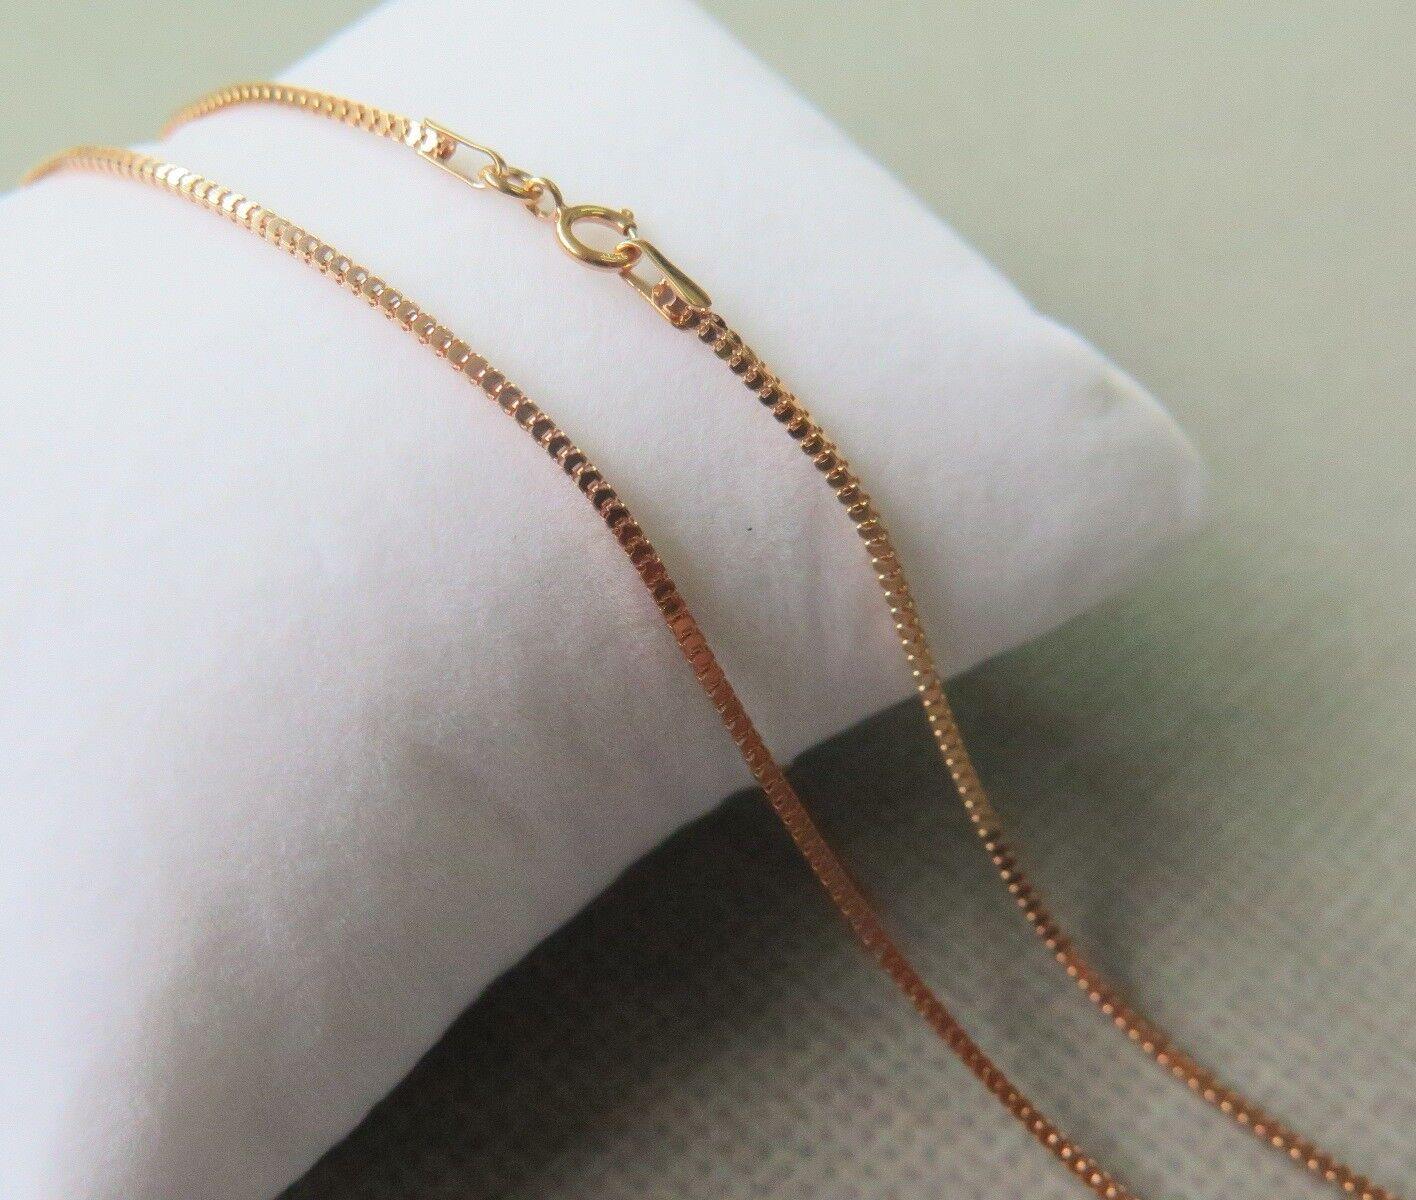 Puro 18kt oro rosa Collana 1.15mm Milan Anello Quadrato Quadrato Quadrato Catenina 45cm Au750 6f76df